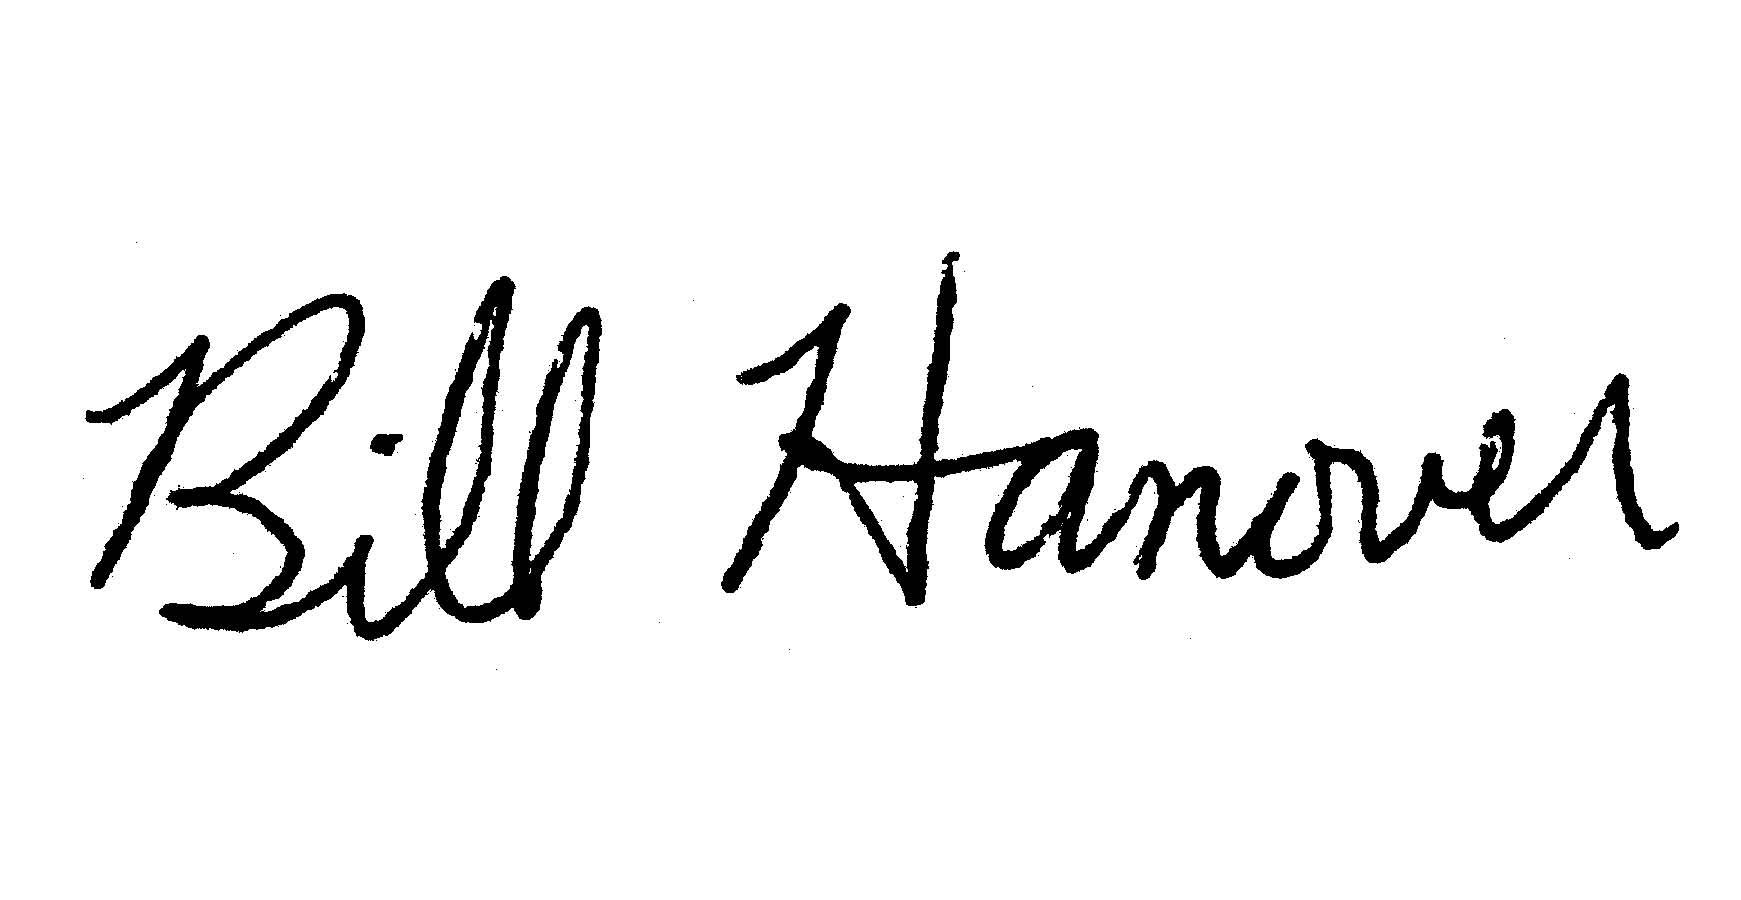 Bill Hanover